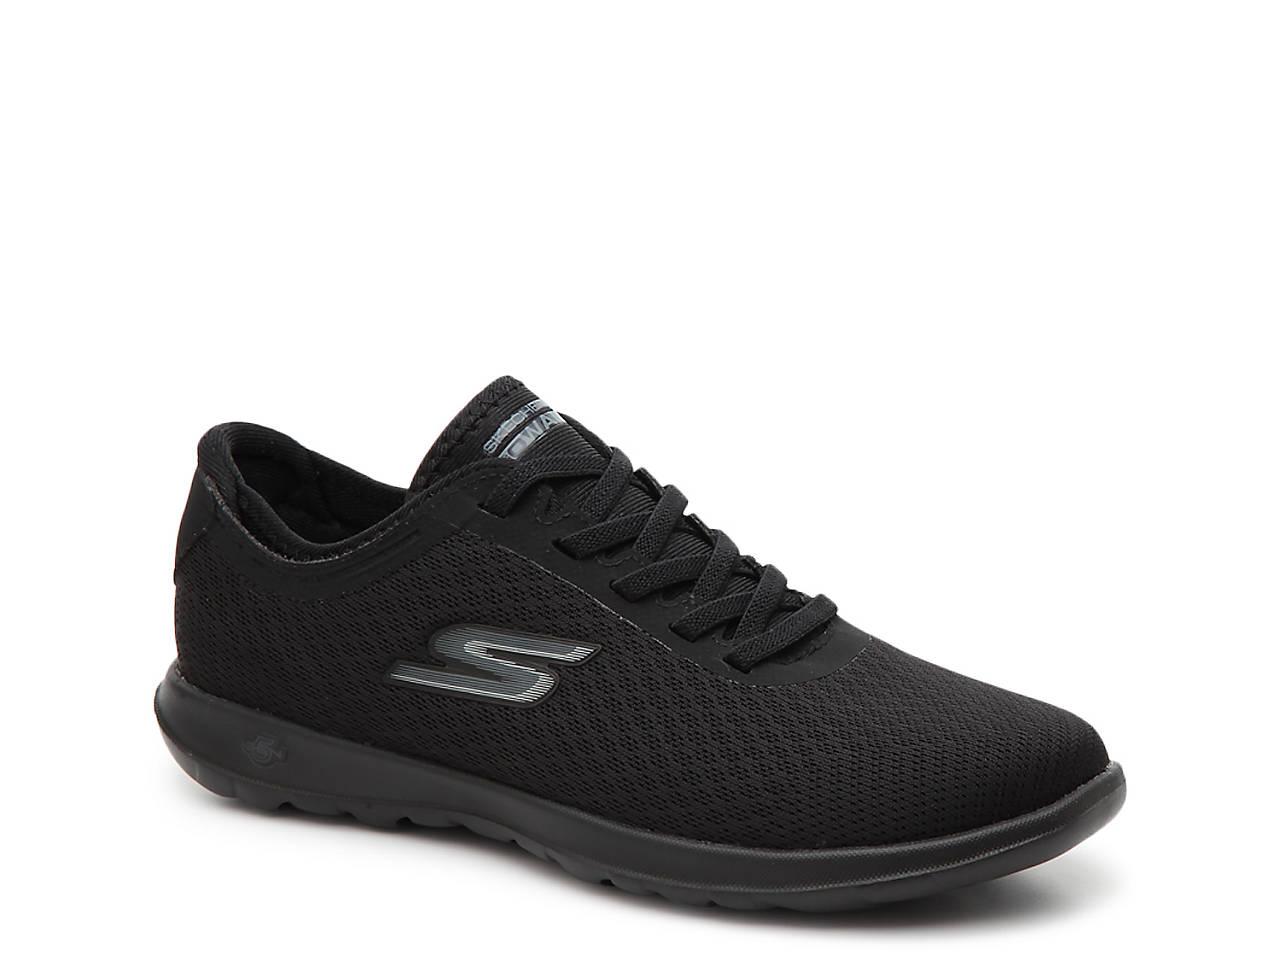 7484f032f8e11e Skechers GoWalk Lite Slip-On Sneaker Women s Shoes